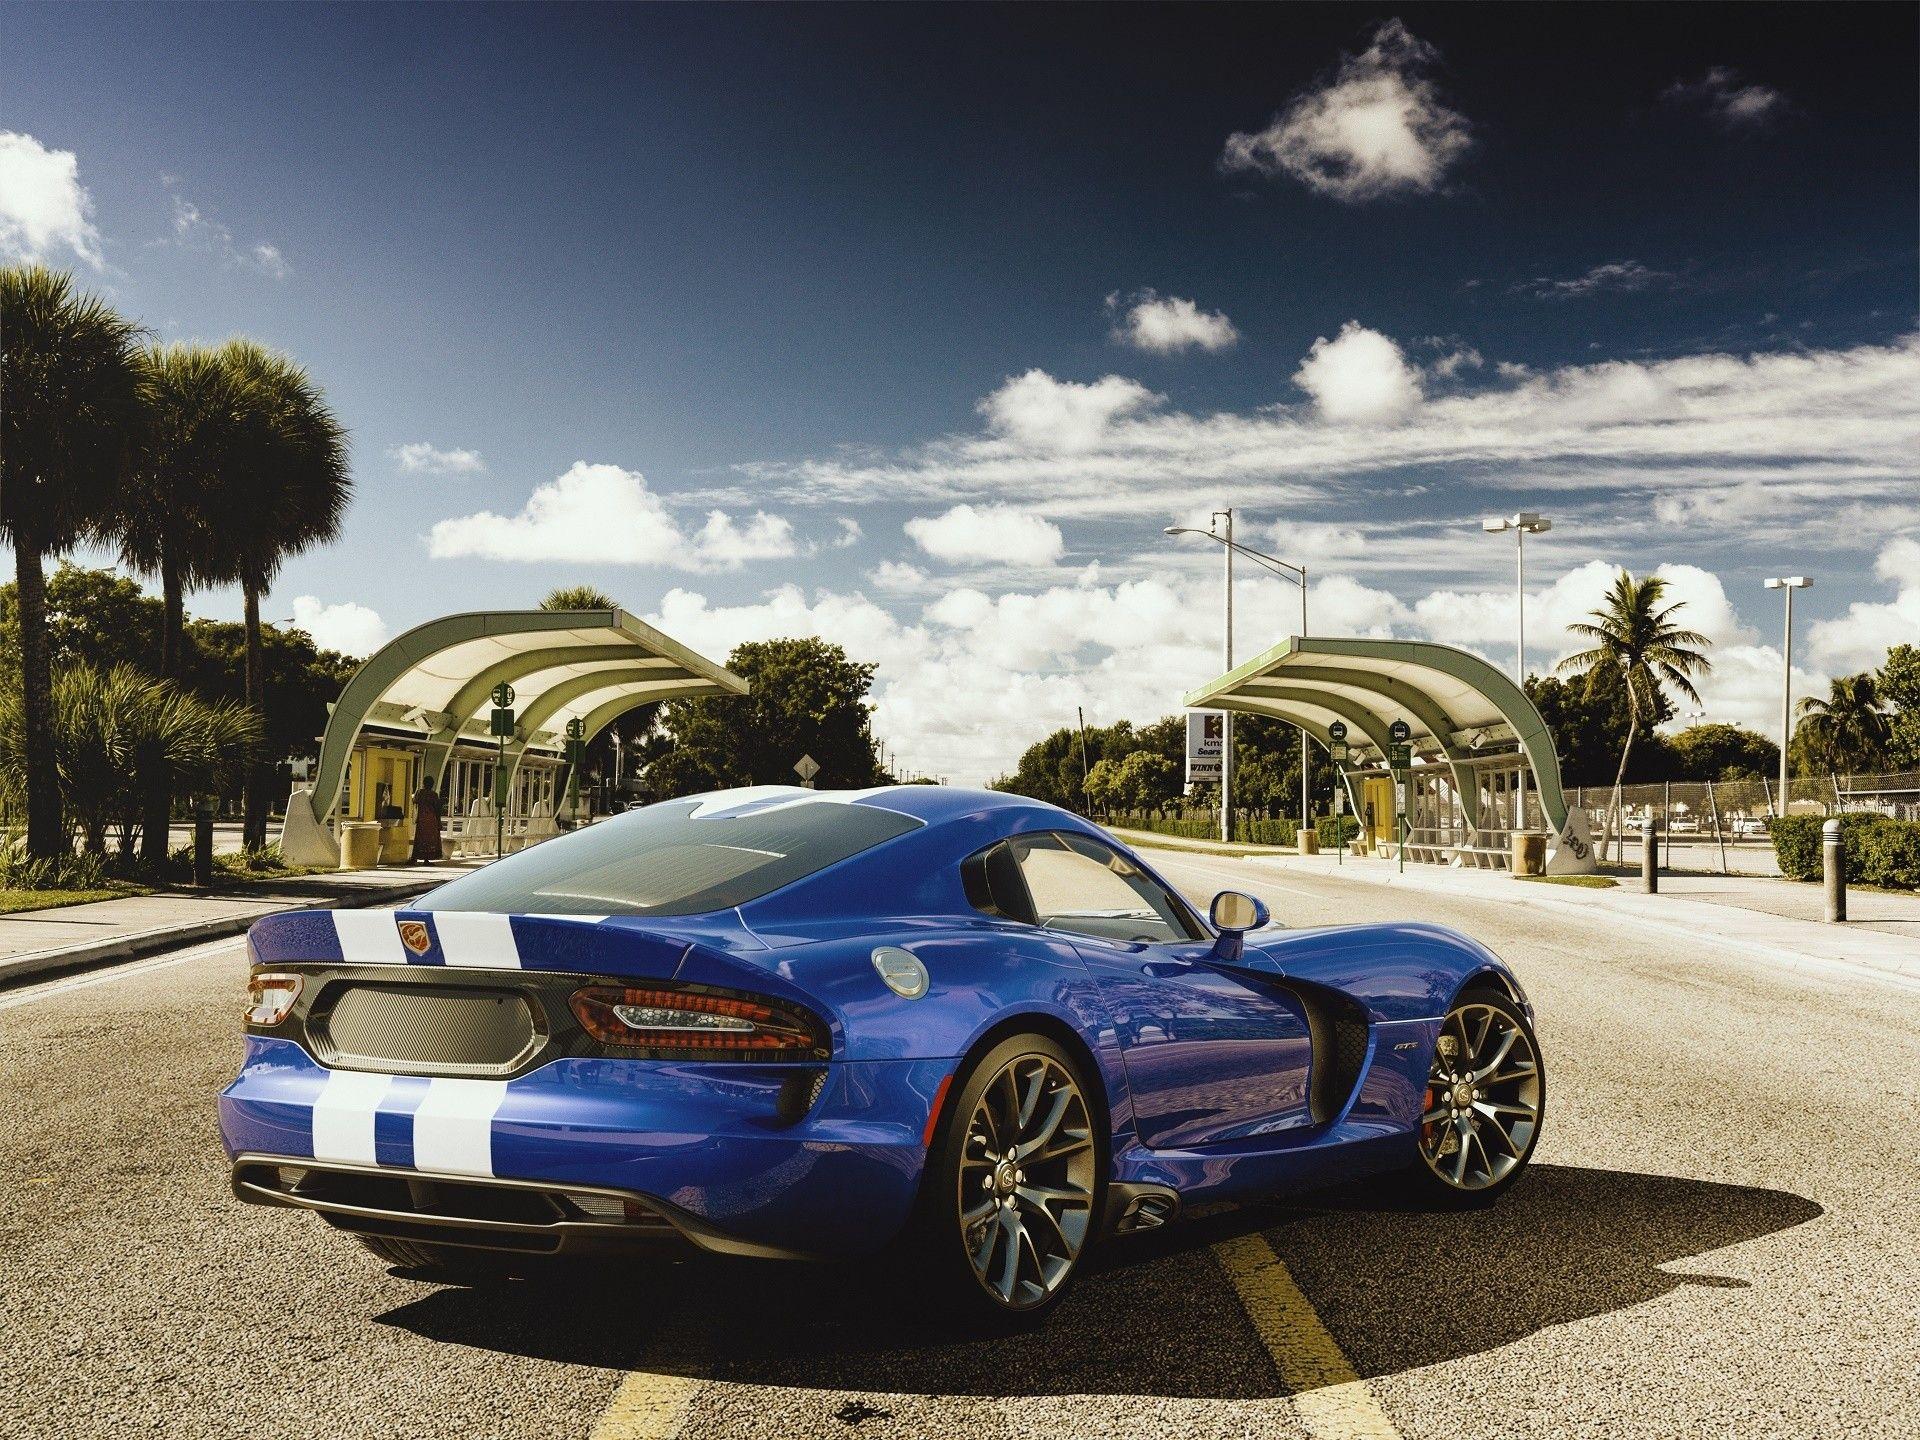 Marvelous SRT Viper GTS R Widescreen Exotic Car Wallpaper Of Home Design Ideas